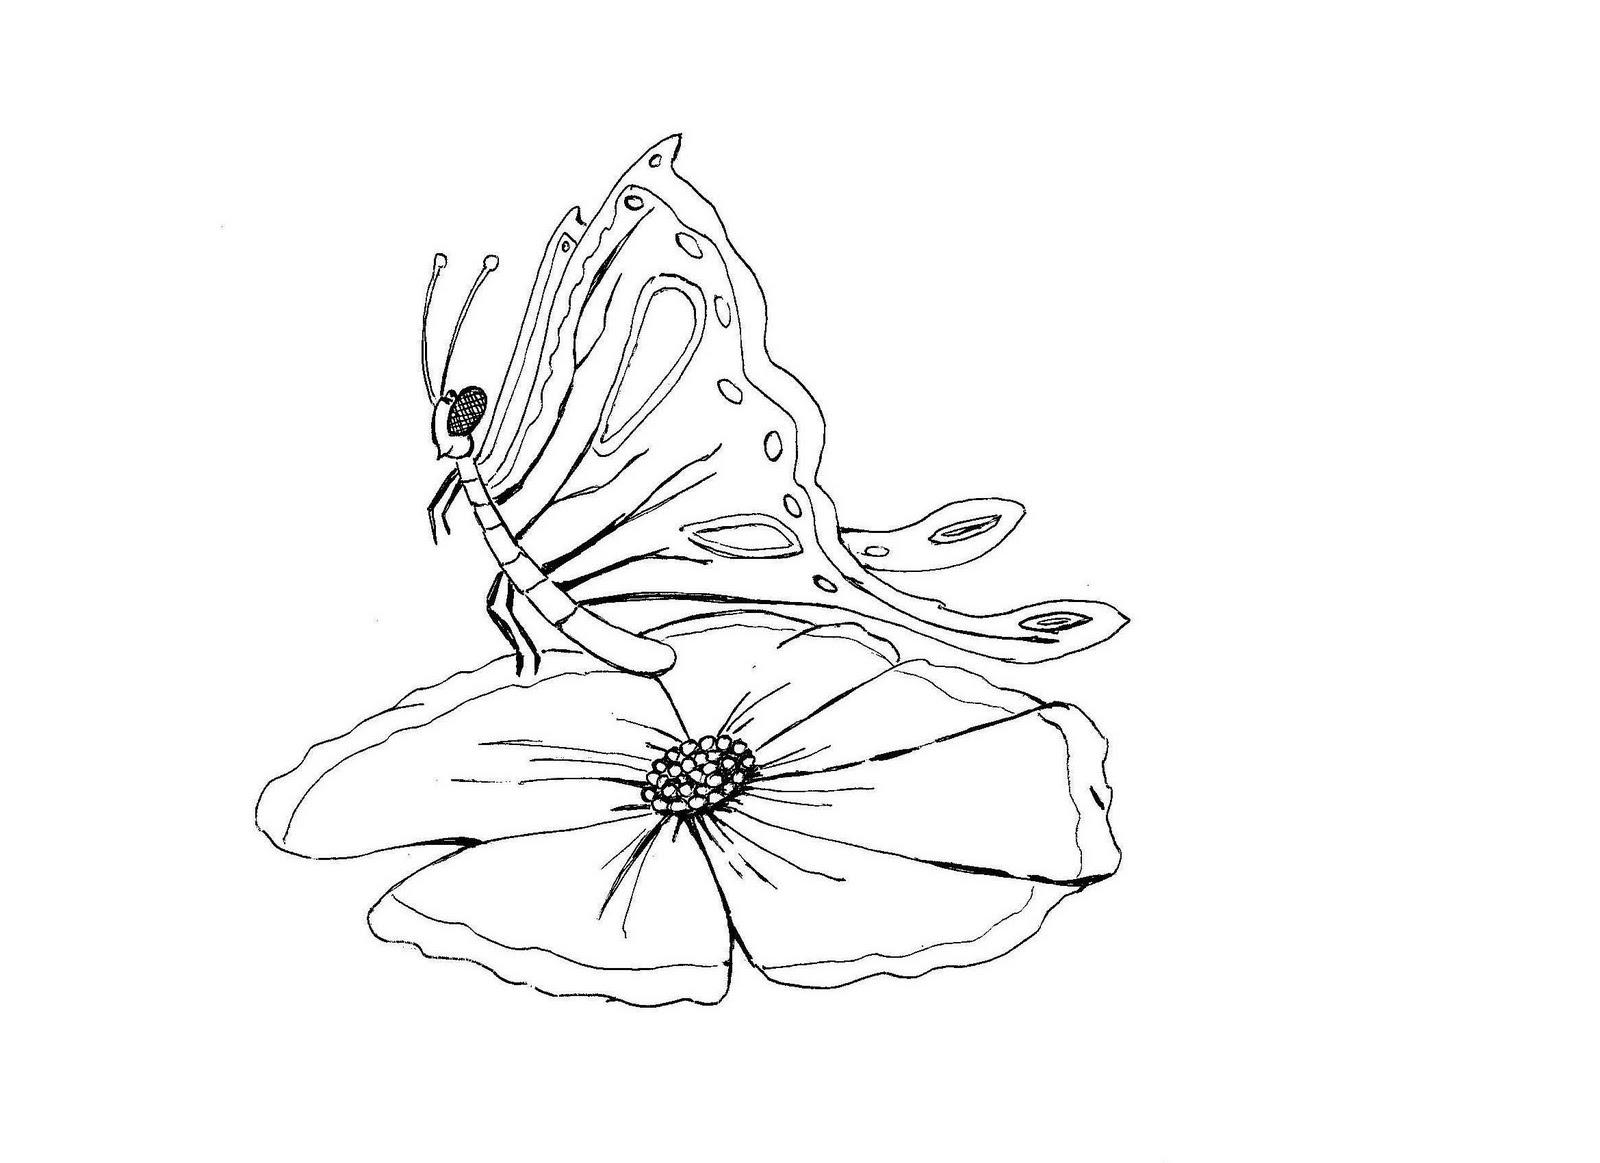 Colorir desenhos de animais Desenho de borboleta para colorir